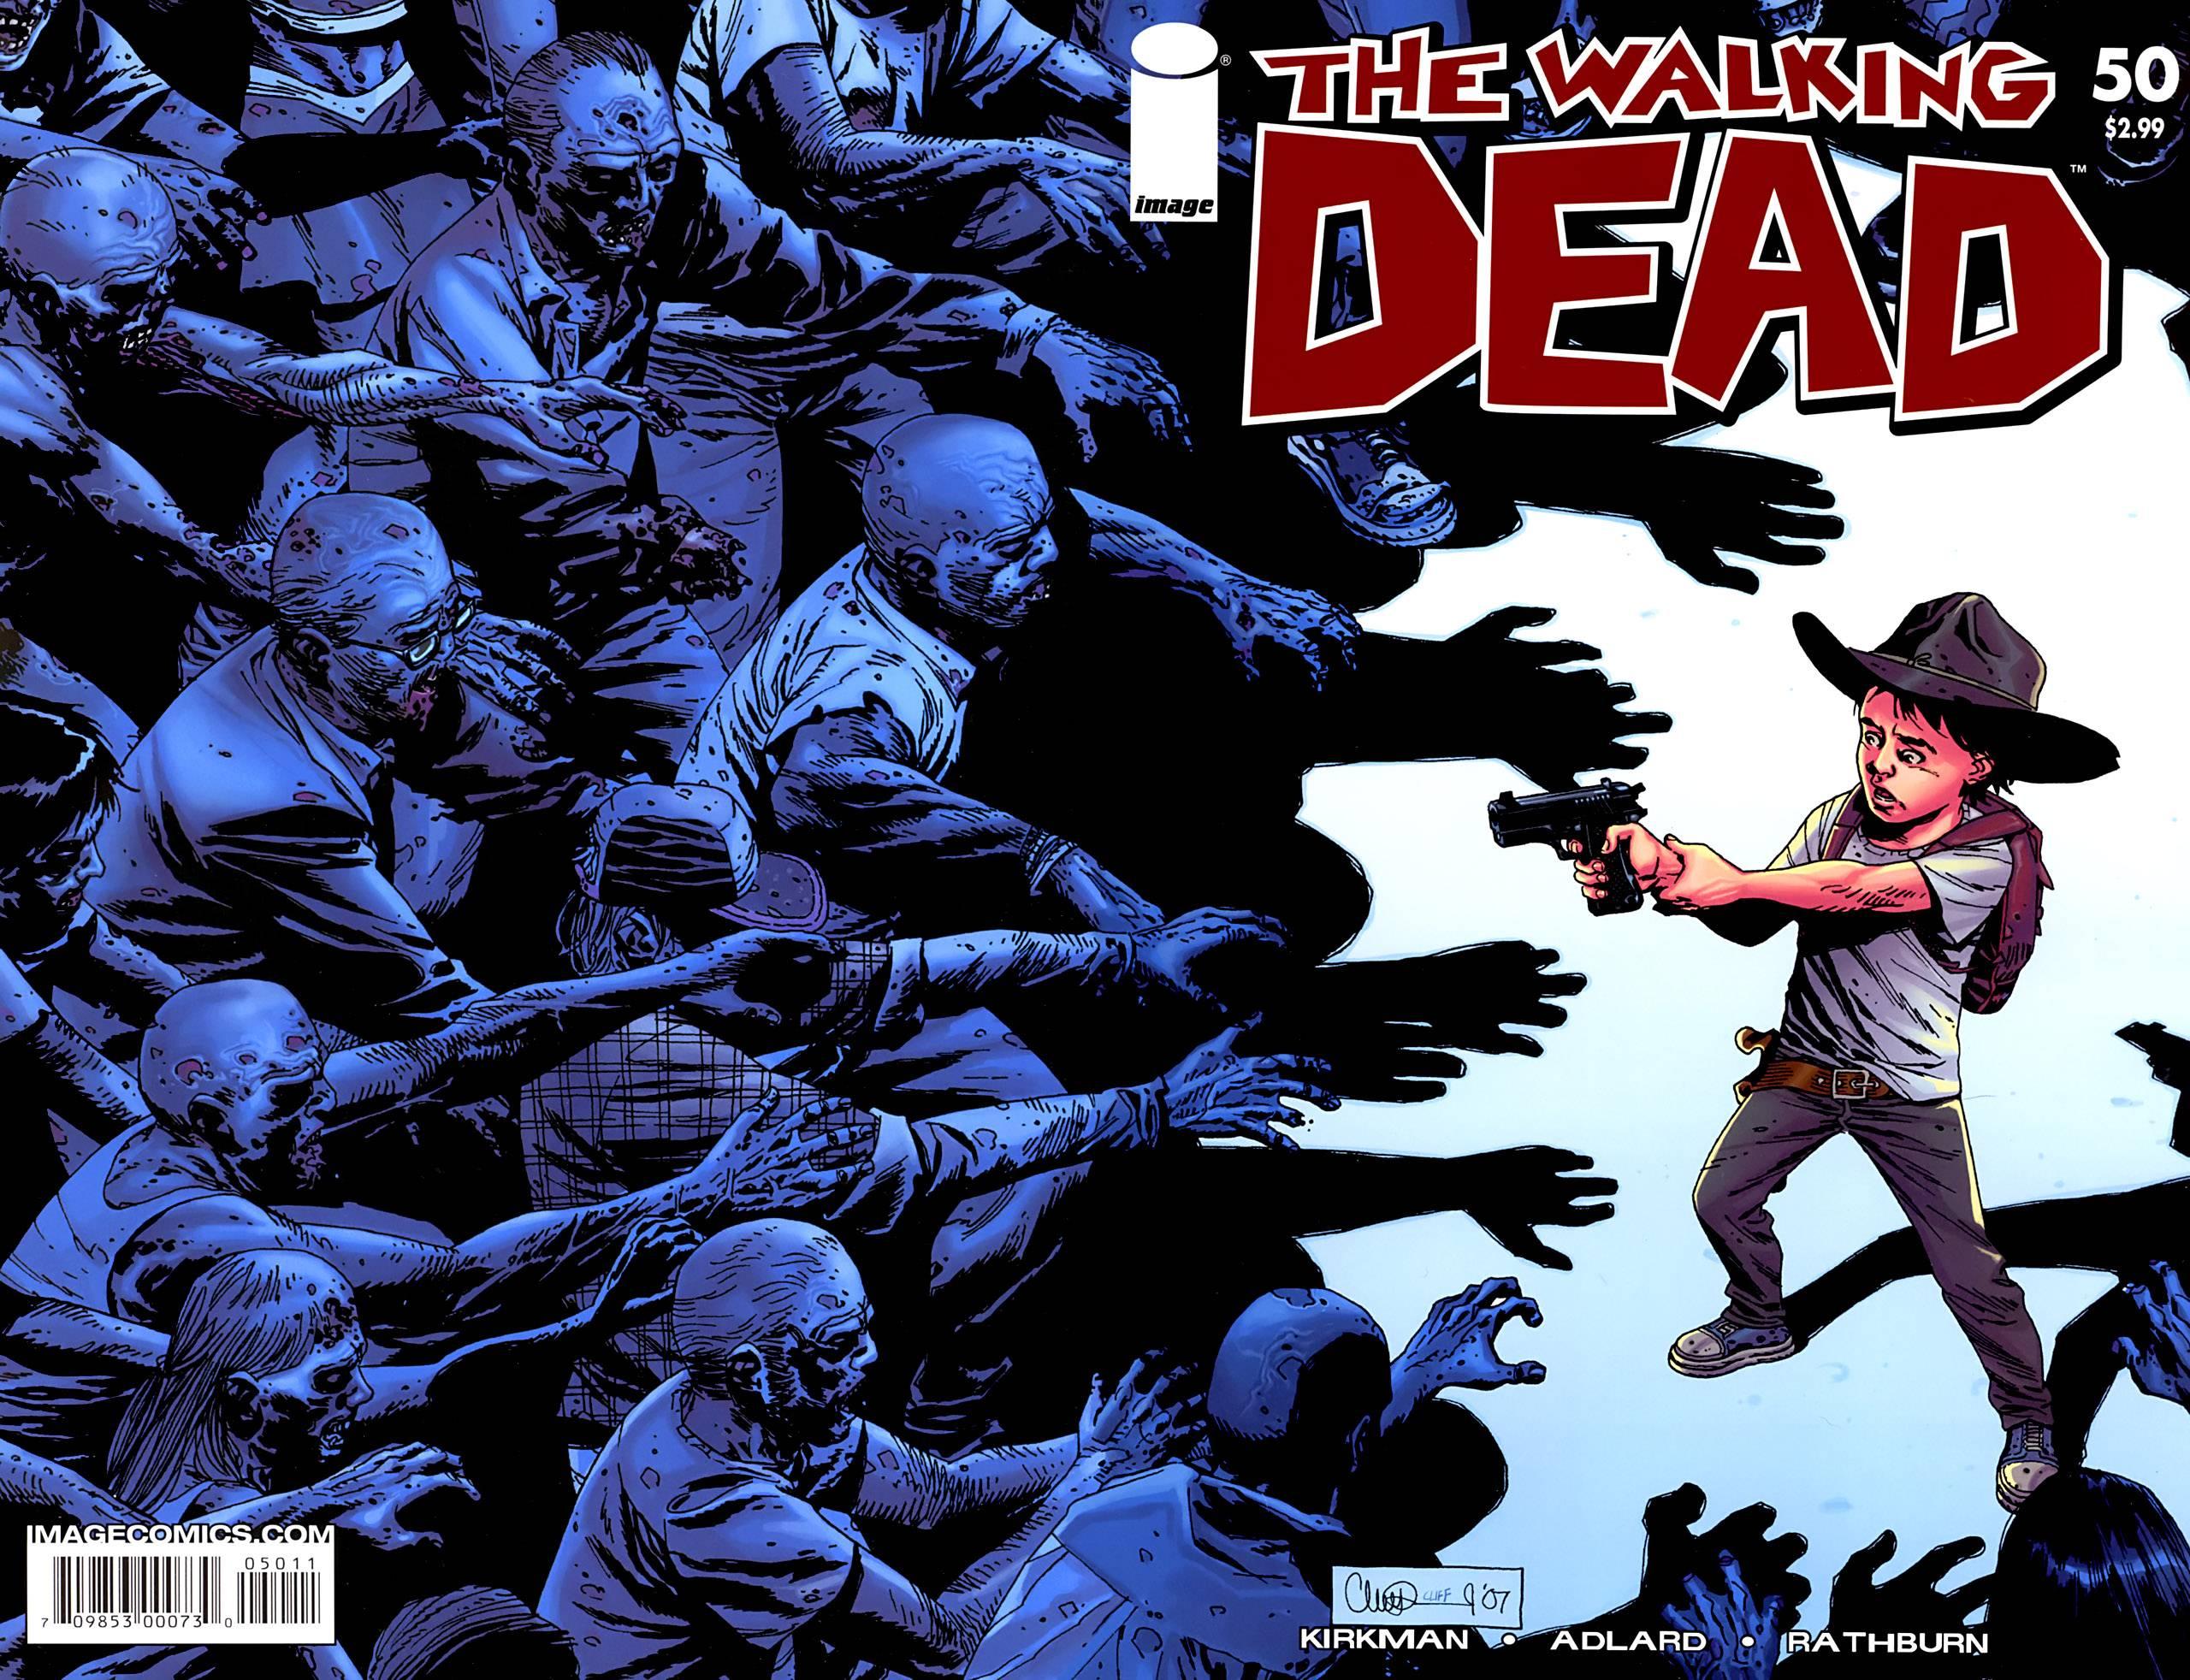 The Walking dead 50